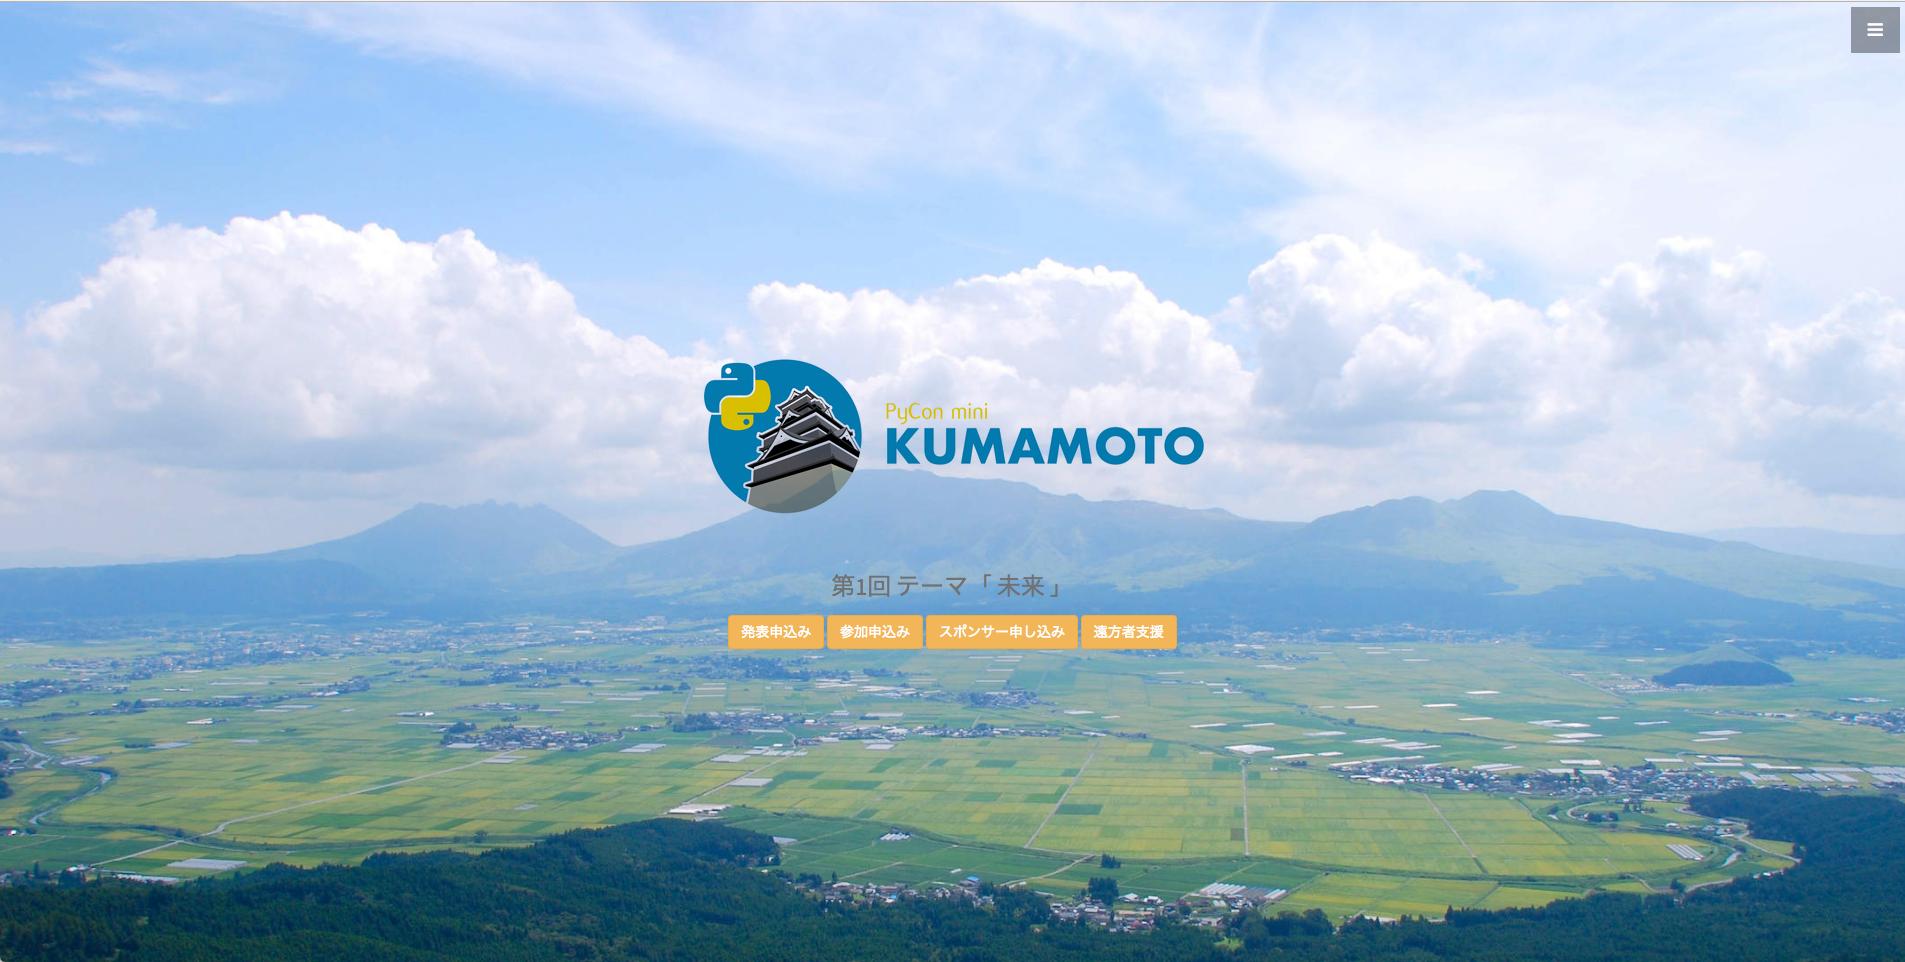 PyCon_mini_Kumamoto_2017